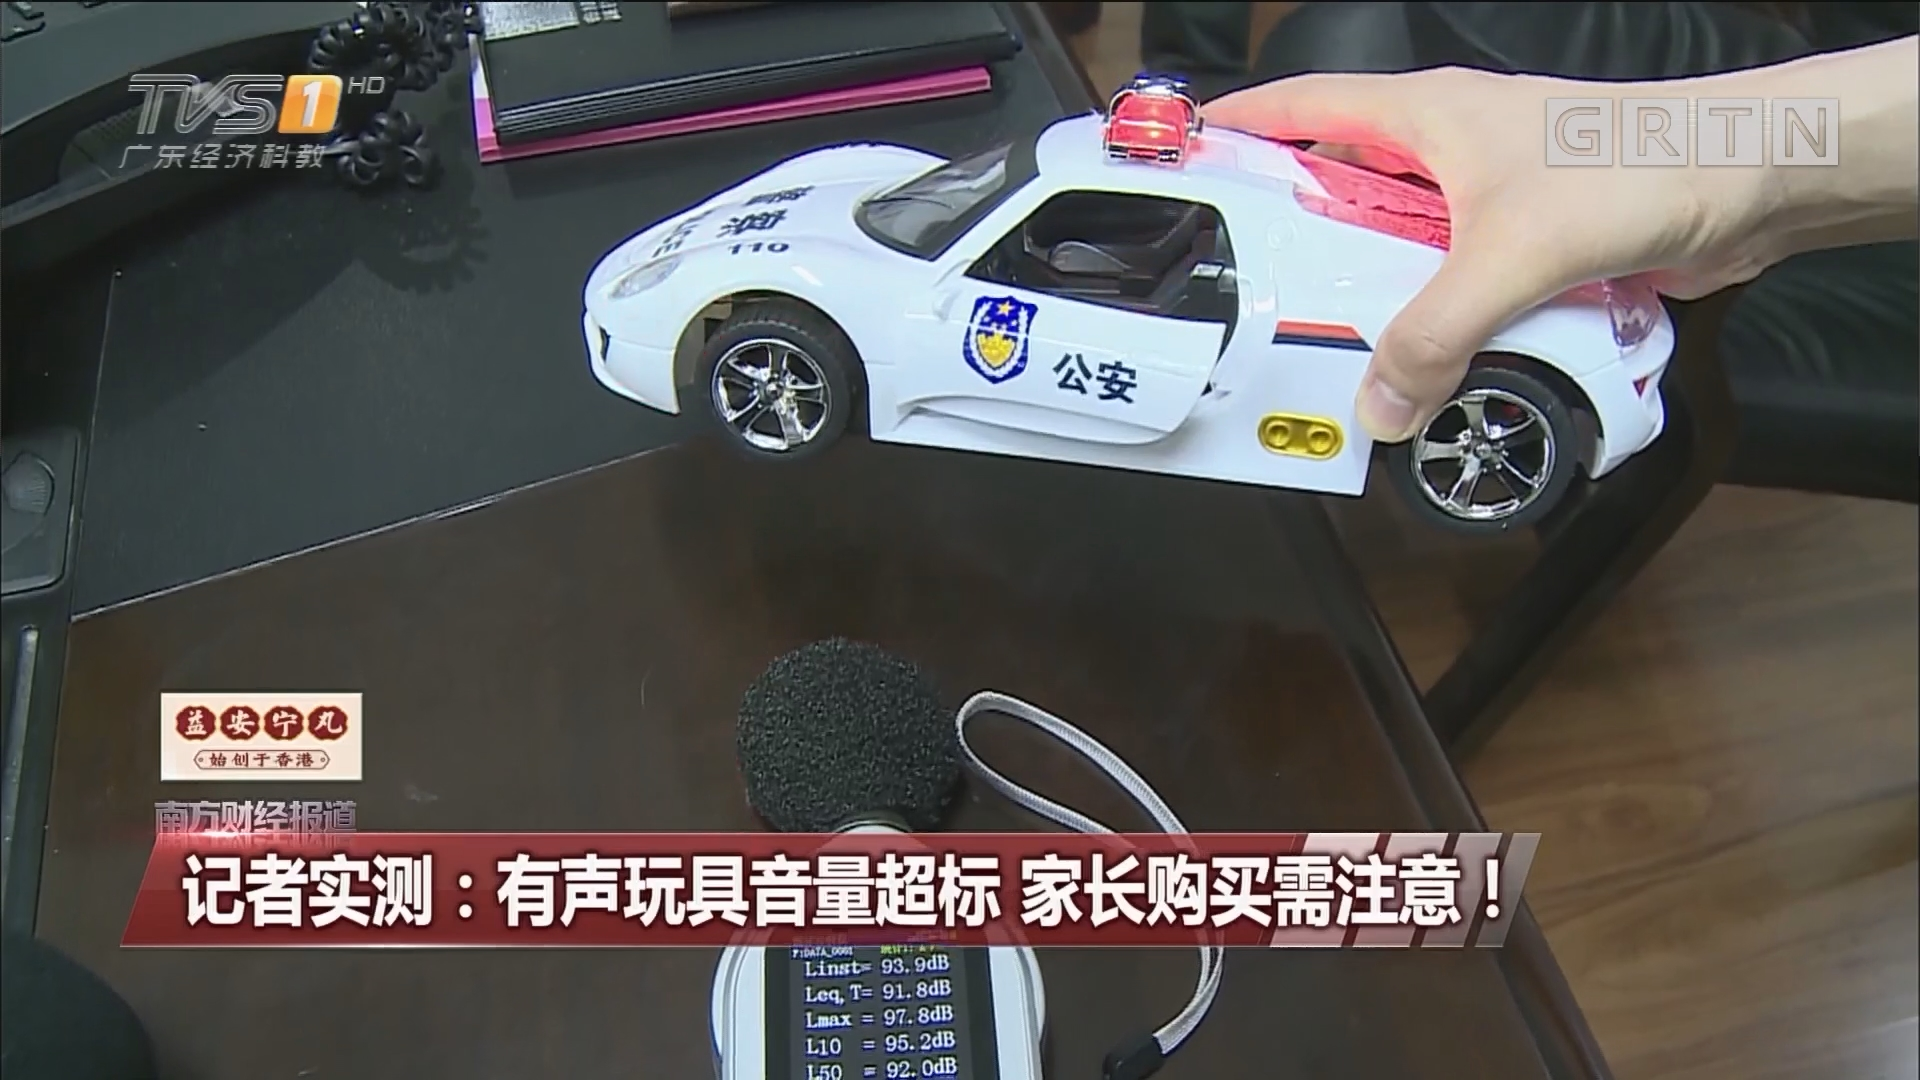 记者实测:有声玩具音量超标 家长购买需注意!